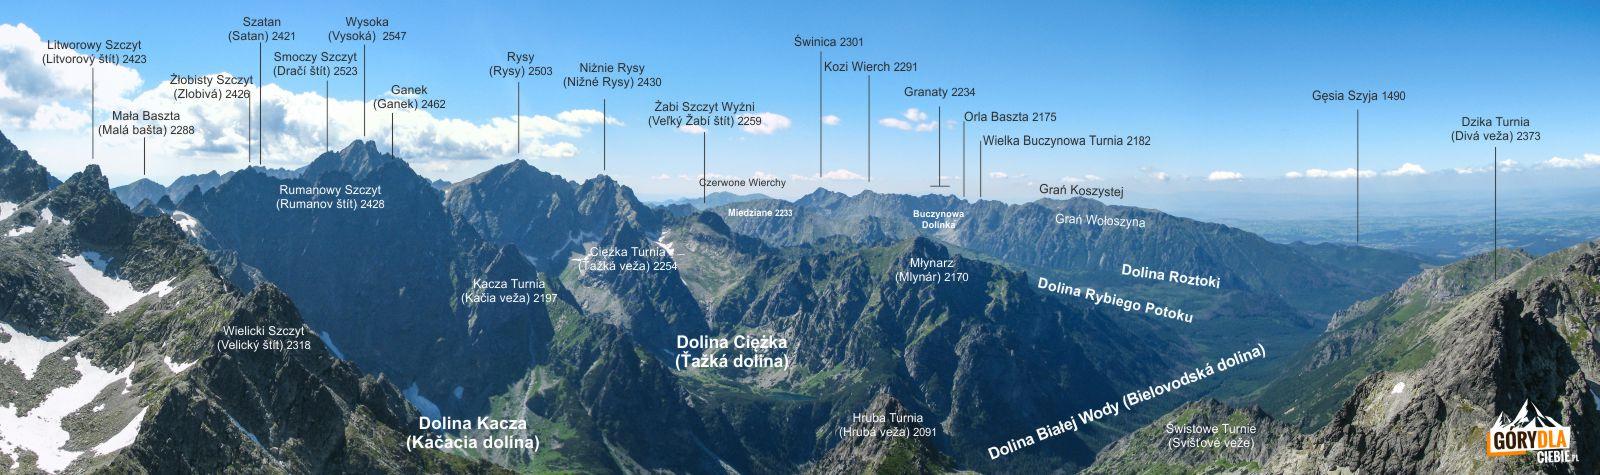 Mała Wysoka - panorama w kierunku zachodnim